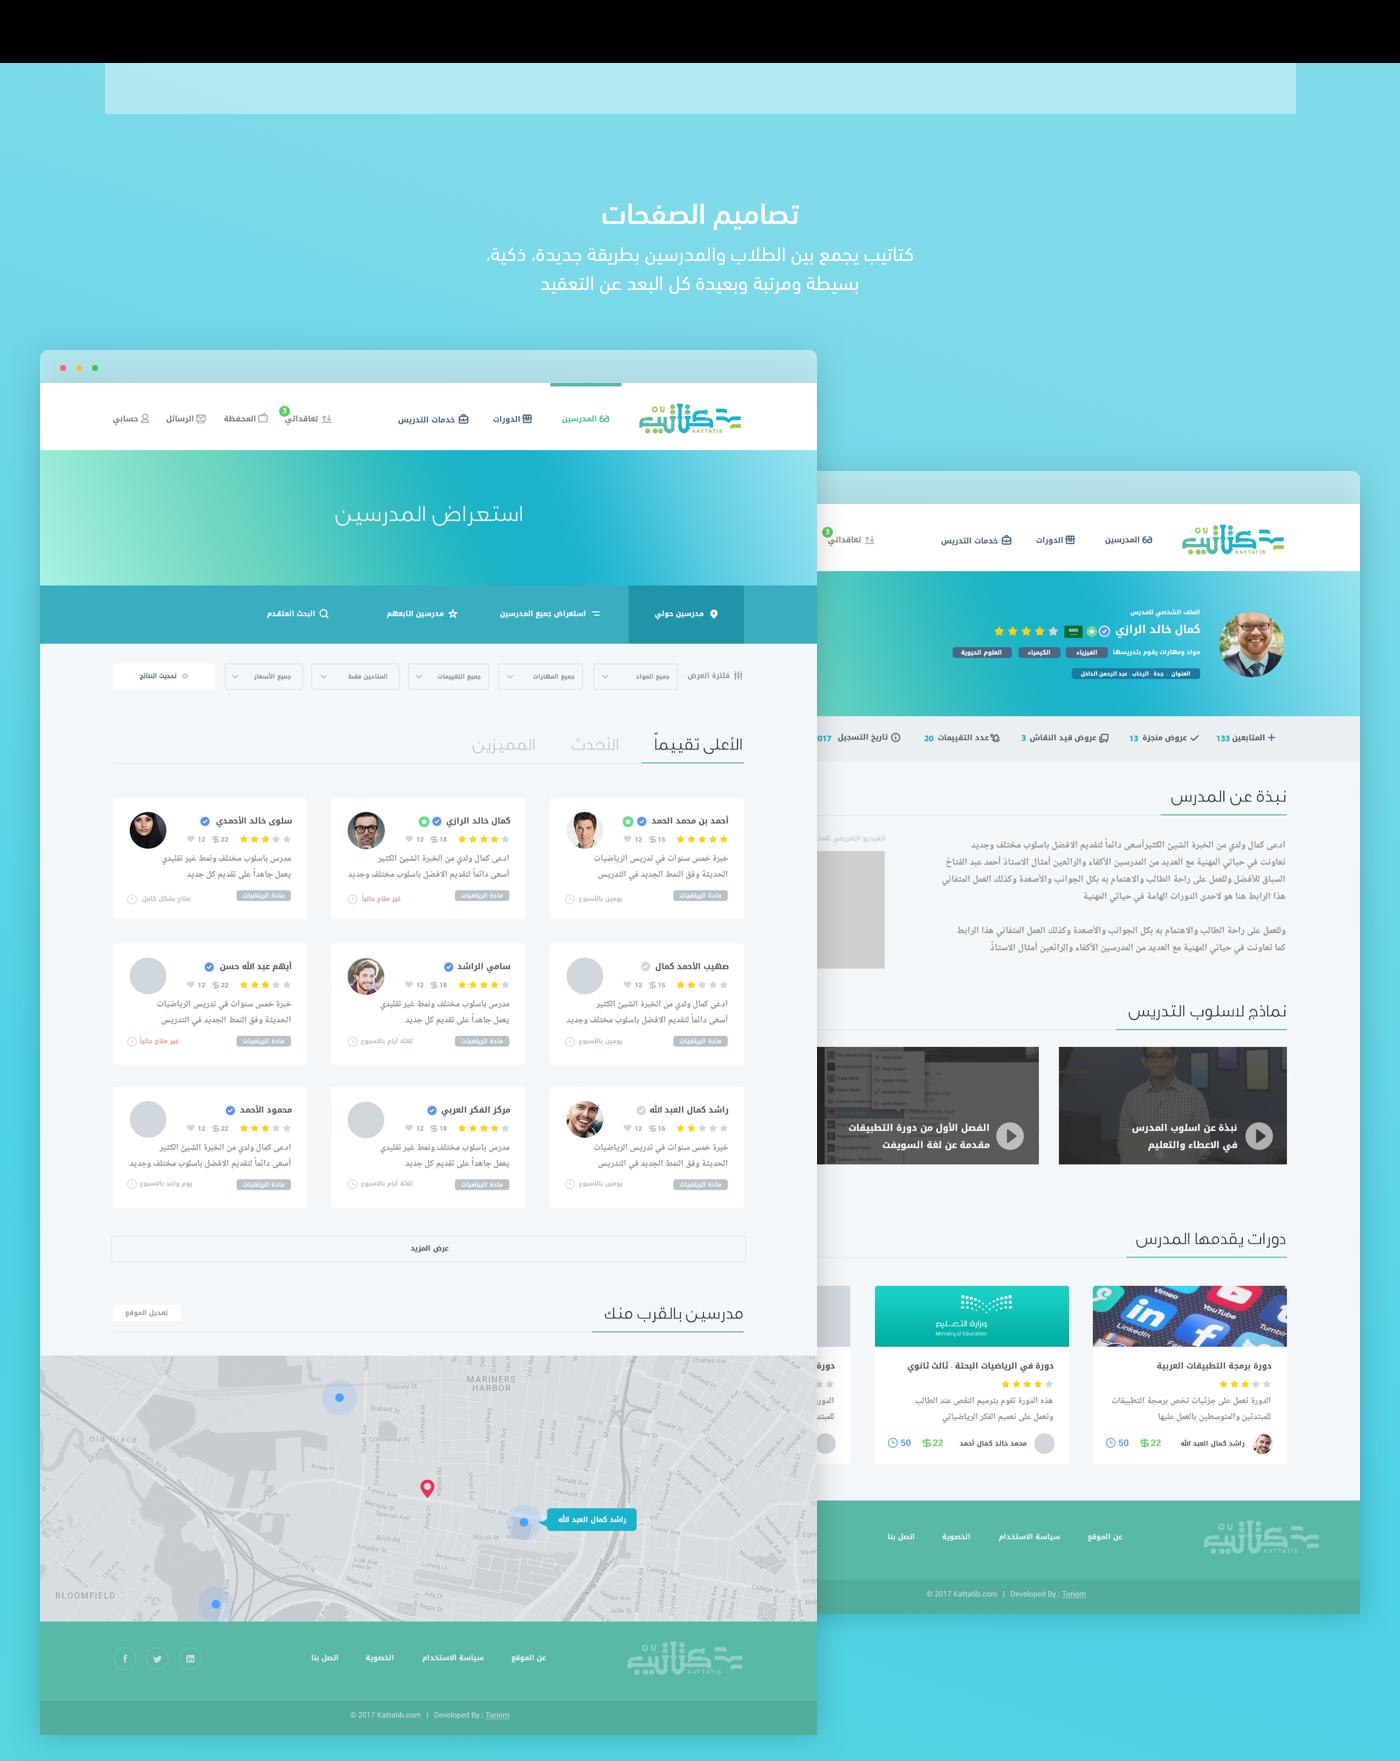 Education web_desgin Web_Development UX design e-learning toriom